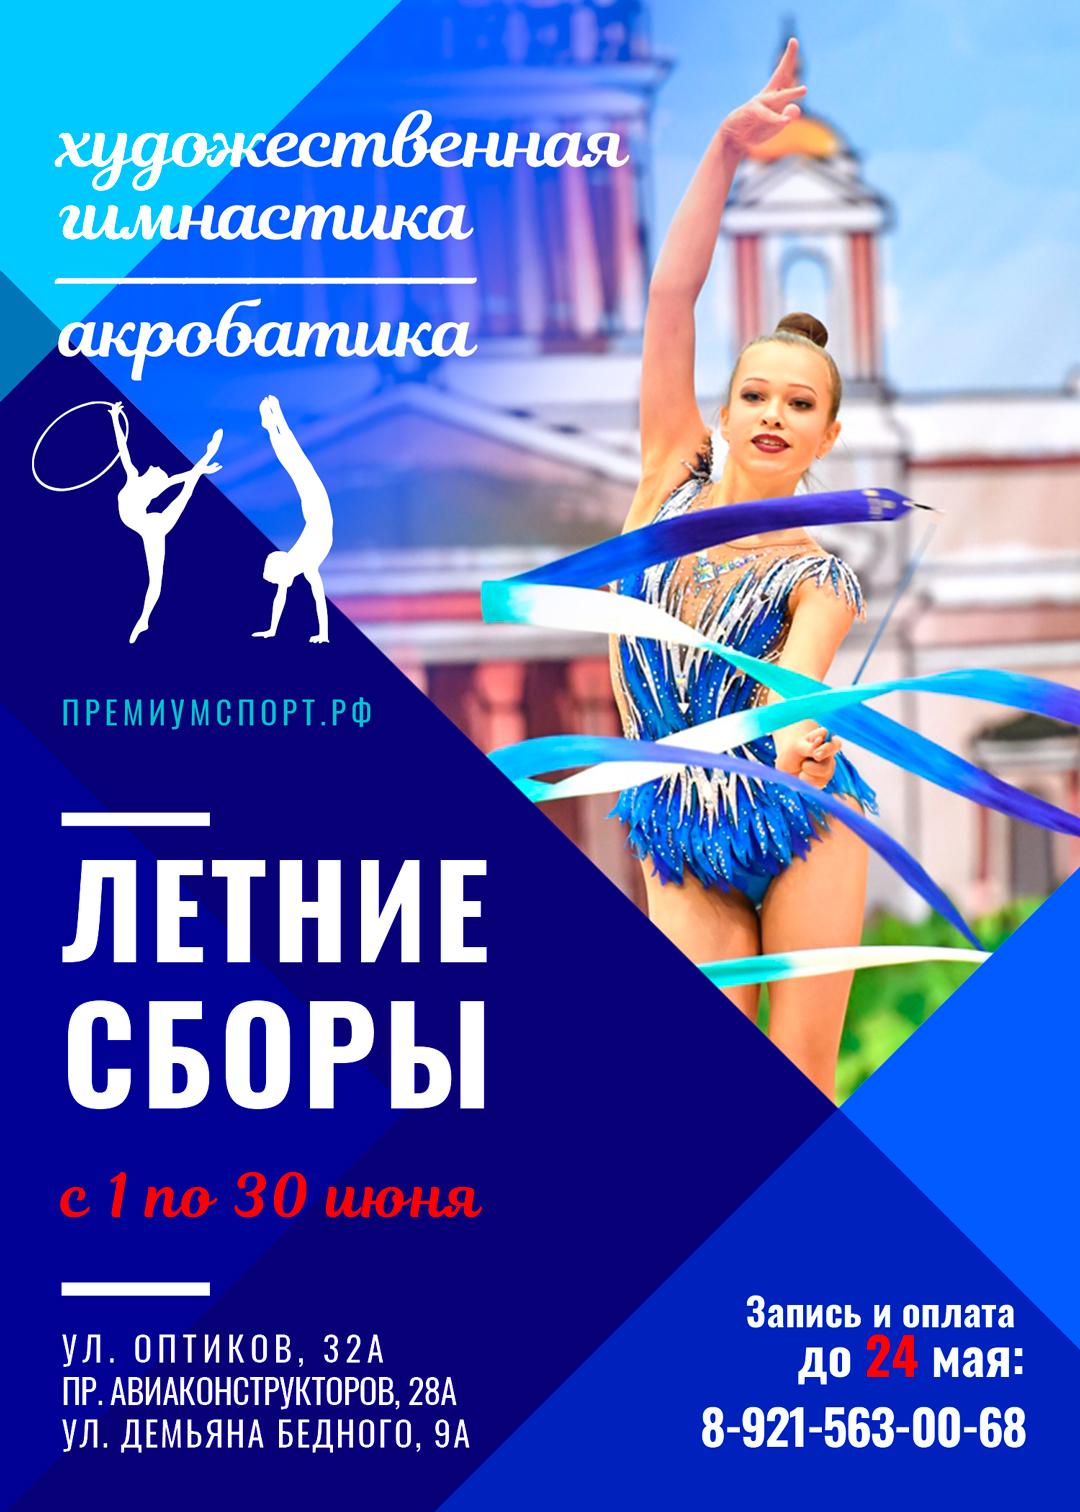 ЛЕТНИЕ УЧЕБНО-ТРЕНИРОВОЧНЫЕ СБОРЫ по художественной гимнастике и акробатике с 1 по 30 июня!